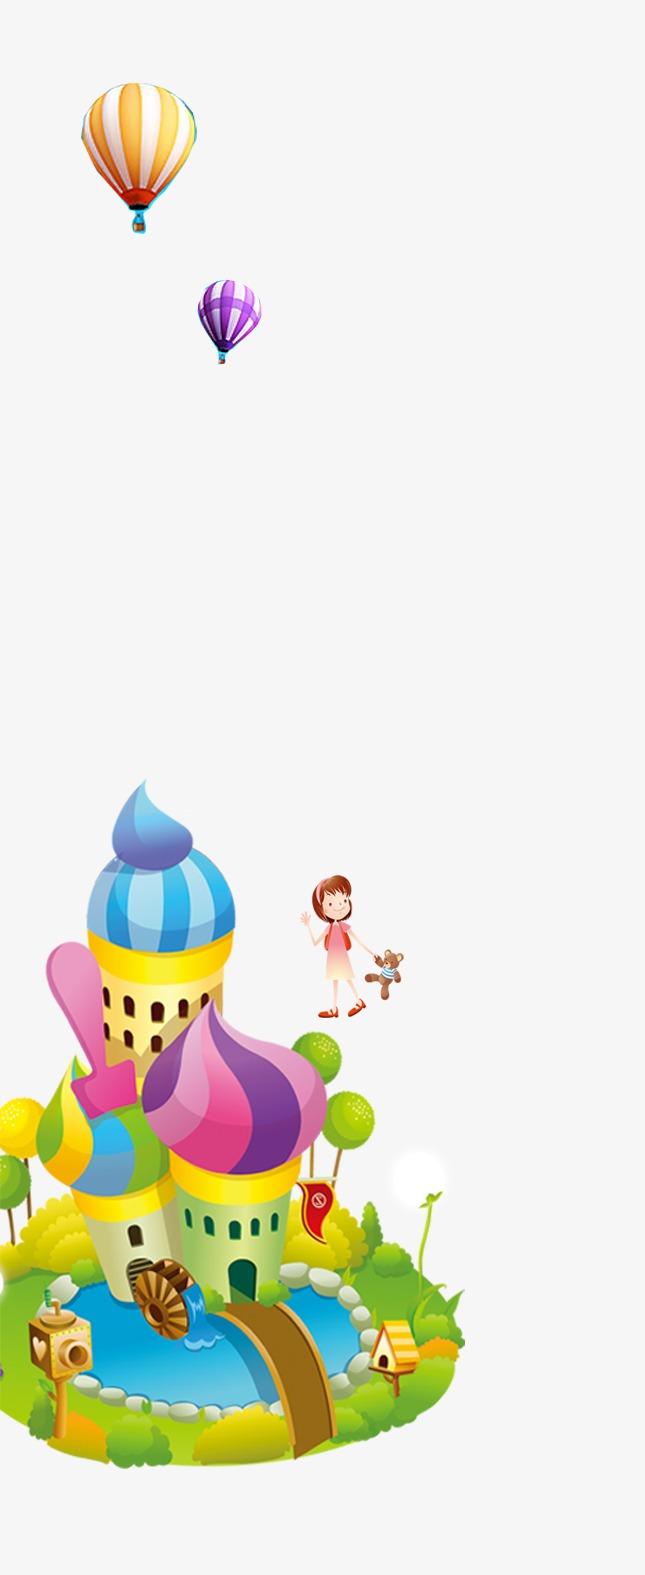 無料ダウンロードのためのかわいい素材 かわいい素材 熱気球 城 png画像